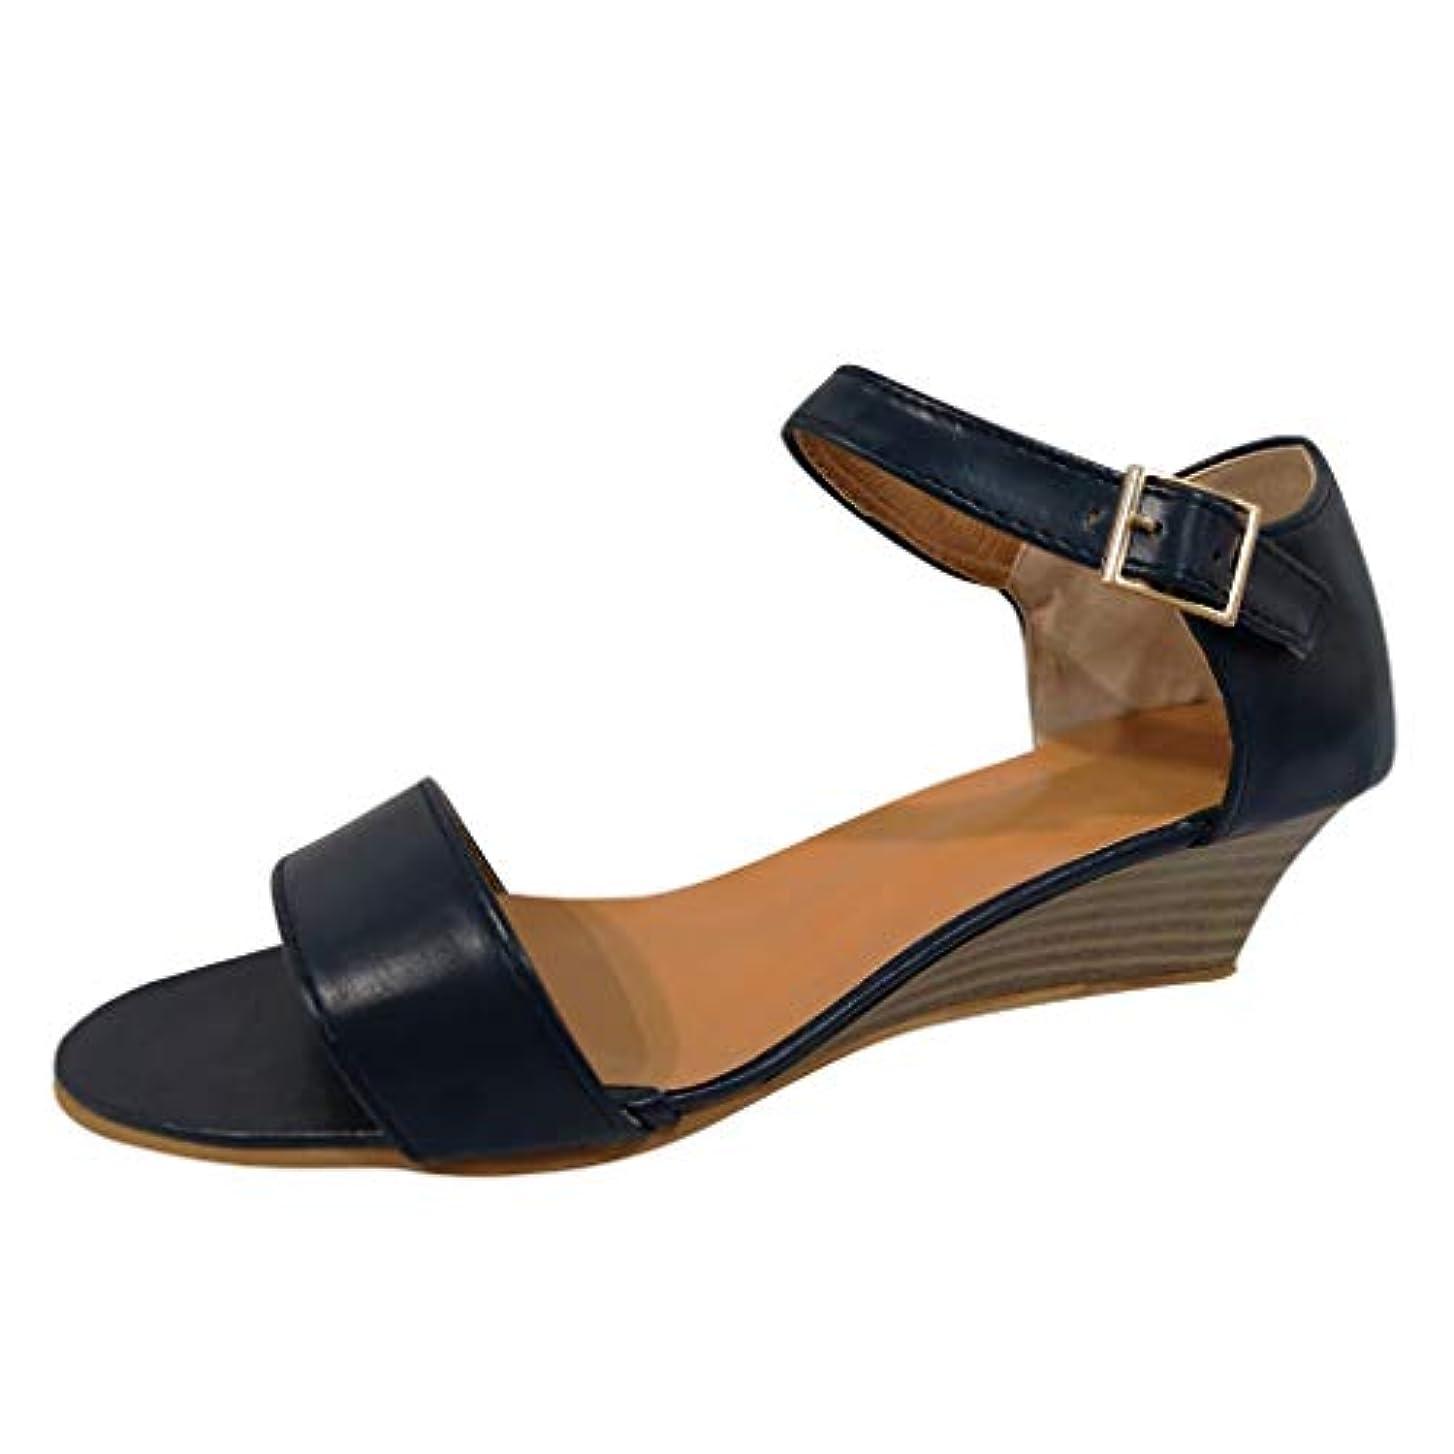 ガム強大な長々と美脚 ウェッジソール Foreted ミュール サンダル ローヒール 黒 ウエッジ 靴 歩きやすい 疲れないカジュアル コンフォートサンダル ストラップ 痛くない